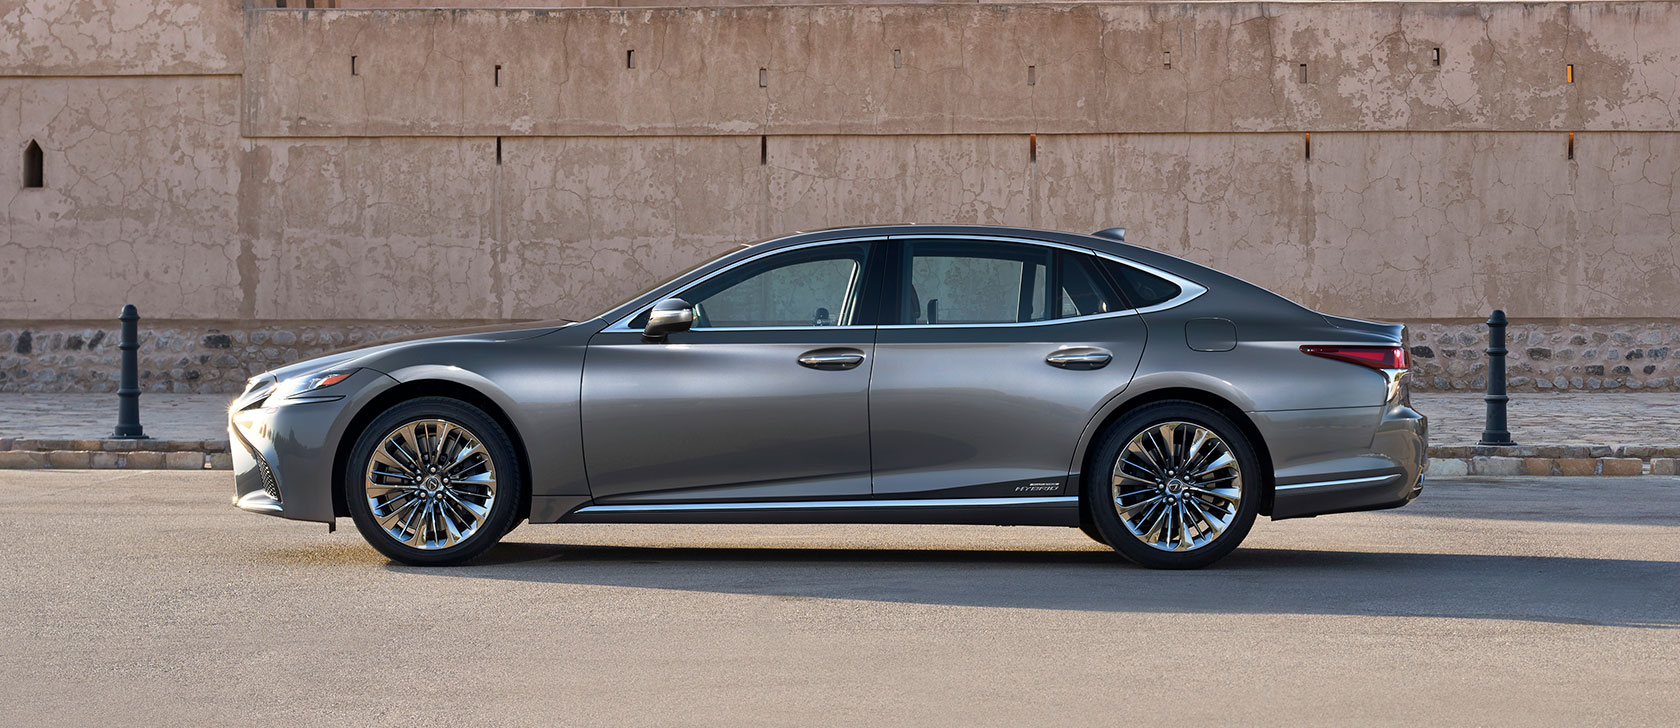 2021 013 Lexus streeft naar de perfecte lak 1920 img1